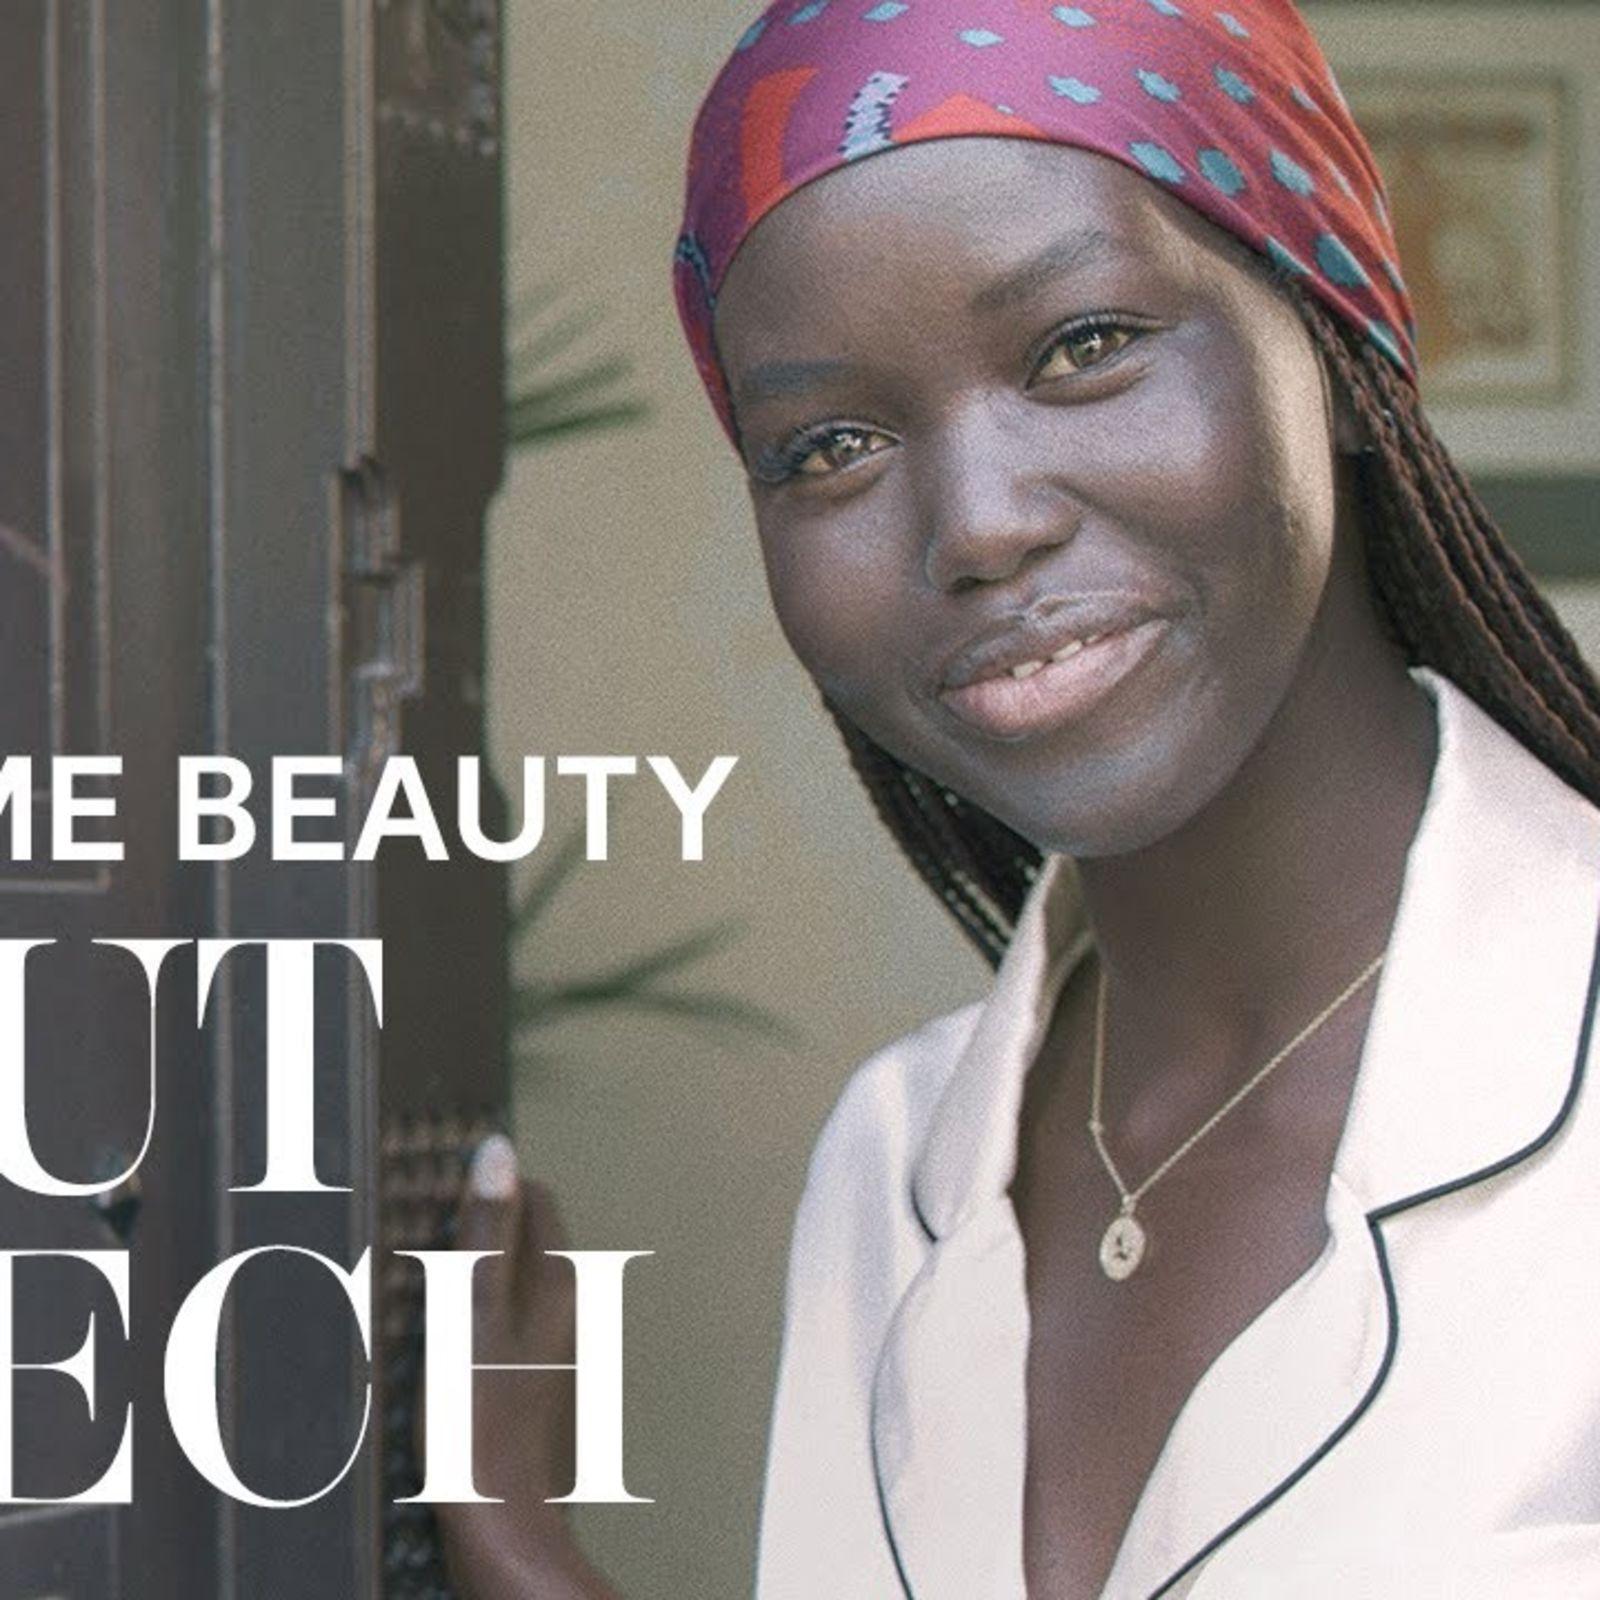 Un día en Dubai con la supermodelo Adut Akech | Diarios de Modelos